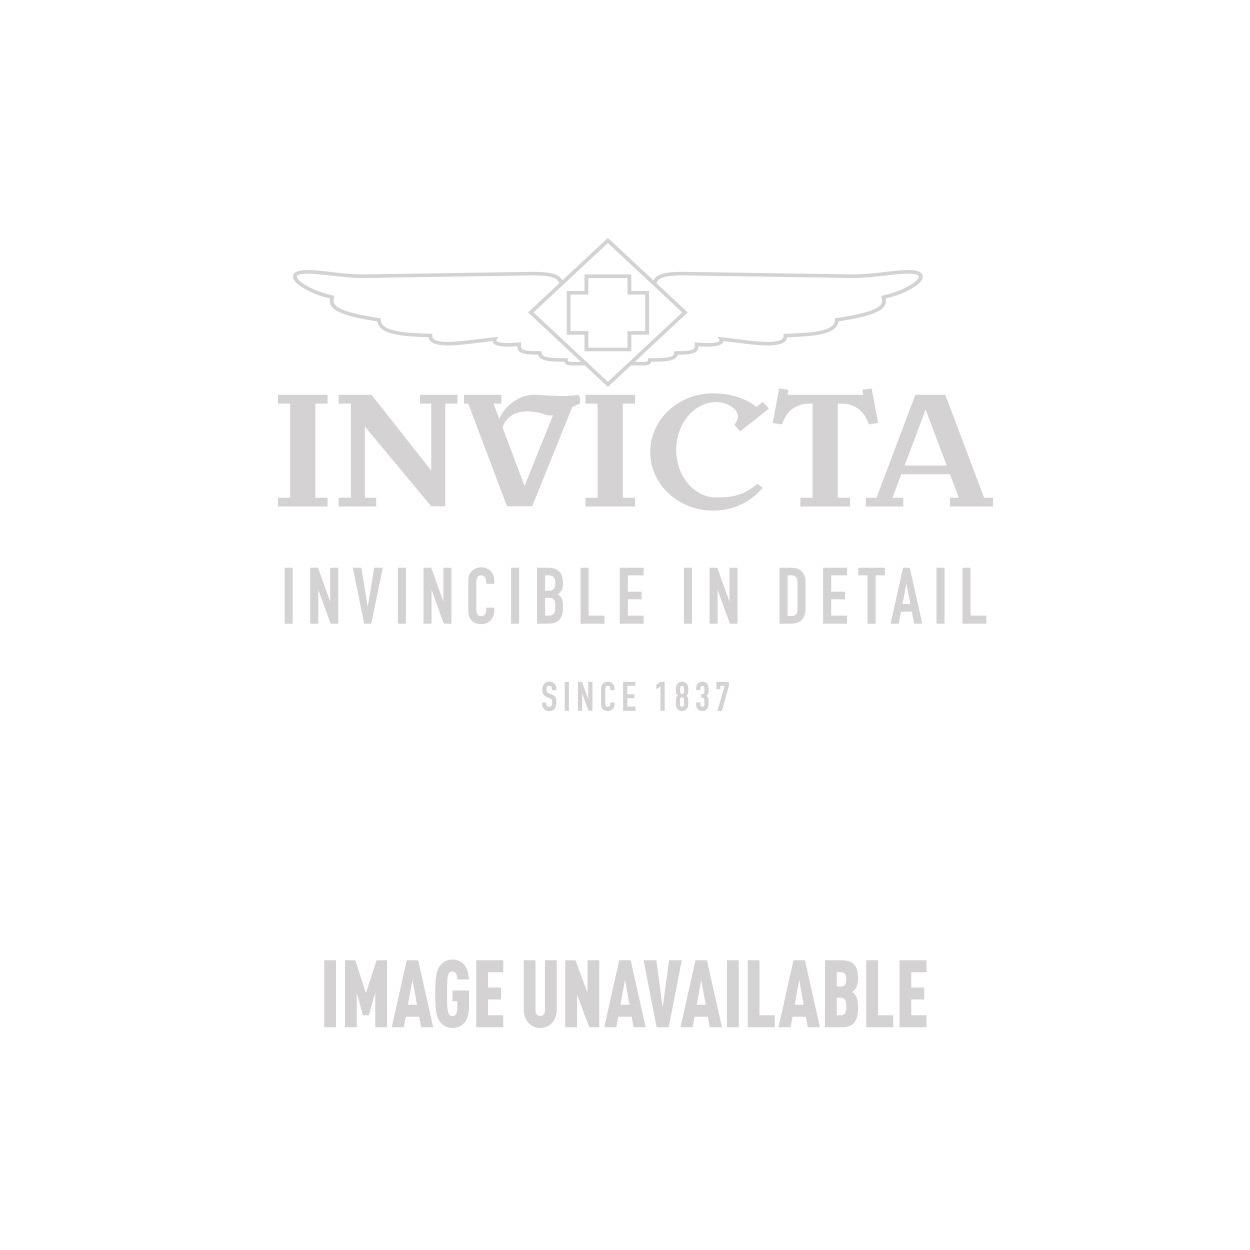 Invicta Model 25126